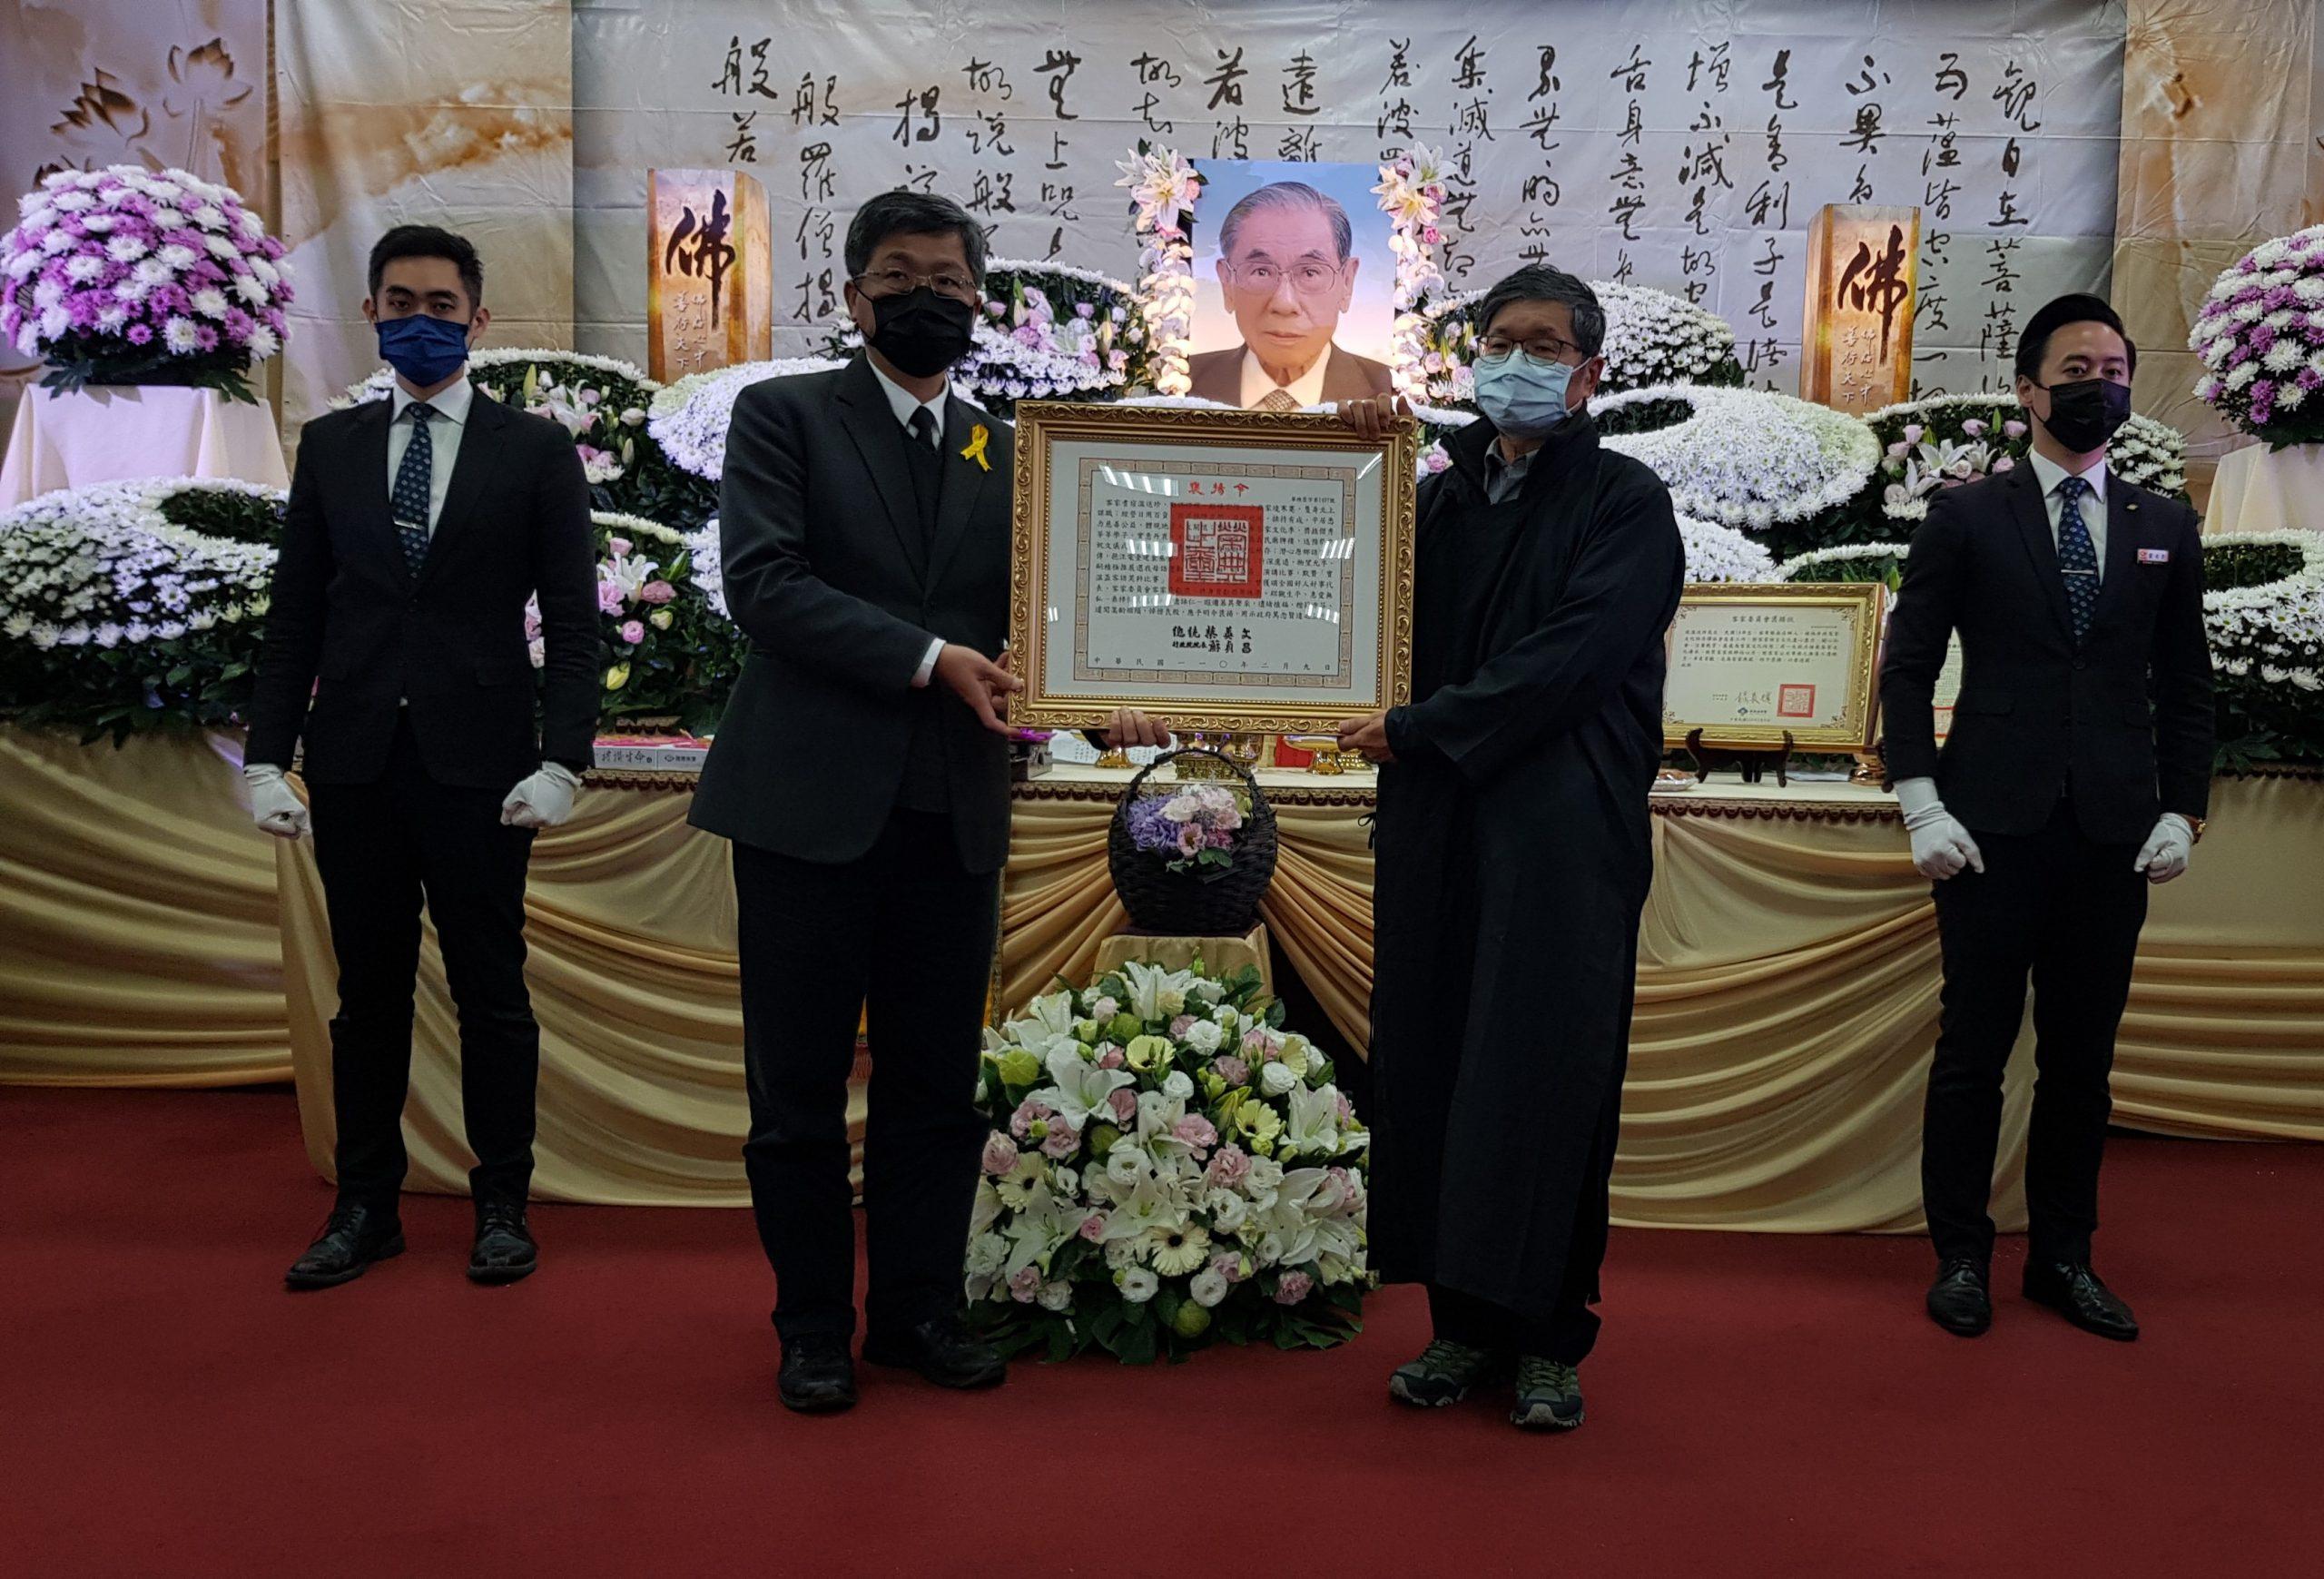 溫送珍推廣客家文化  楊長鎮代總統頒發褒揚令